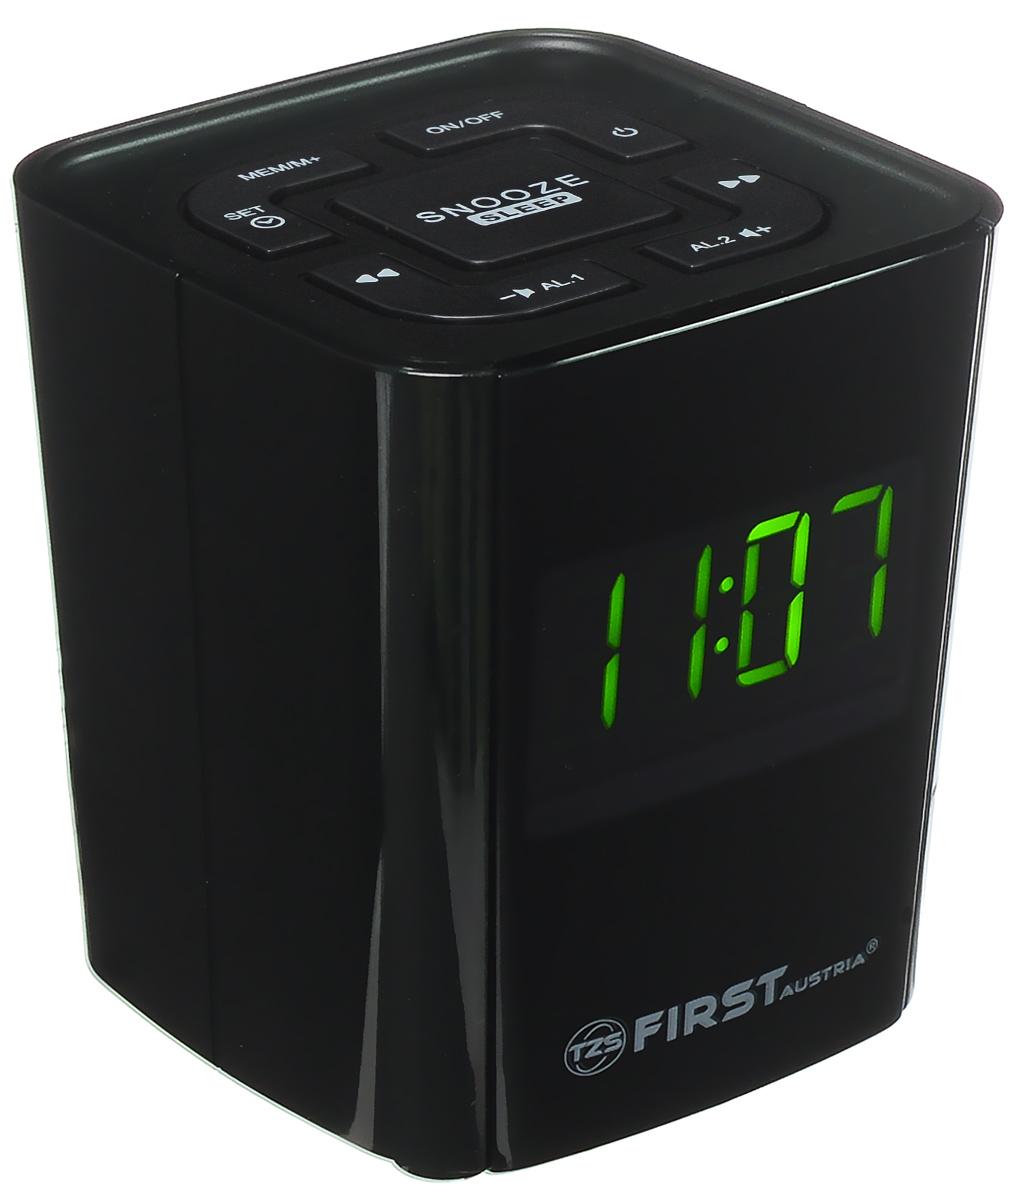 First FA-2406-2, Black радиочасыFA-2406-2 BlackFirst FA-2406-2 - компактные радиочасы с LED-дисплеем, диагональ которого 0,7. Устройство имеет кварцевый стабилизатор, а также различные дополнительные функции: двойной будильник, регулировка громкости, пробуждение под музыку. Вы также можете активировать отложенный сигнал чтобы поспать еще немного времени. Будильник отключится и прозвенит через 9 минут. Резервное питание: 1 батарейка CR2032 (в комплект не входит)